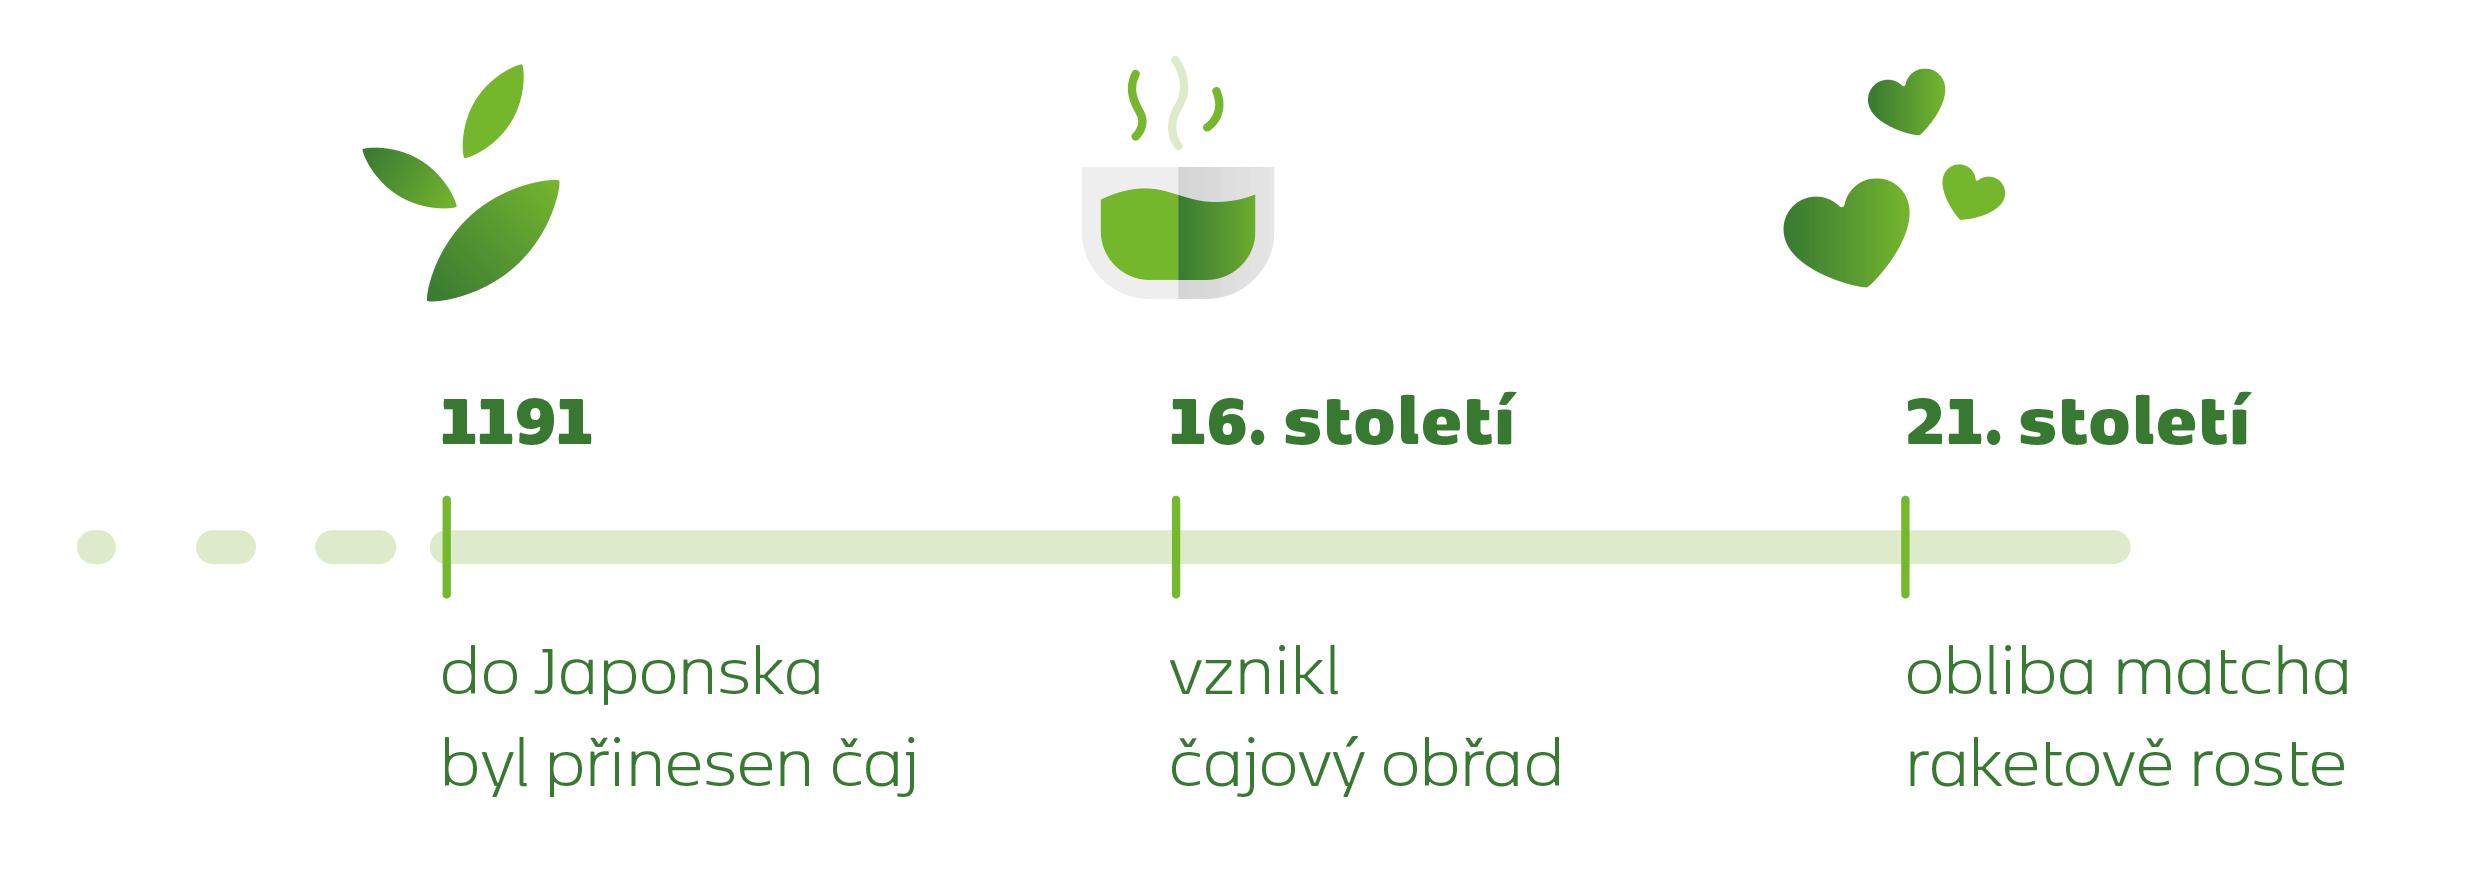 osa.png